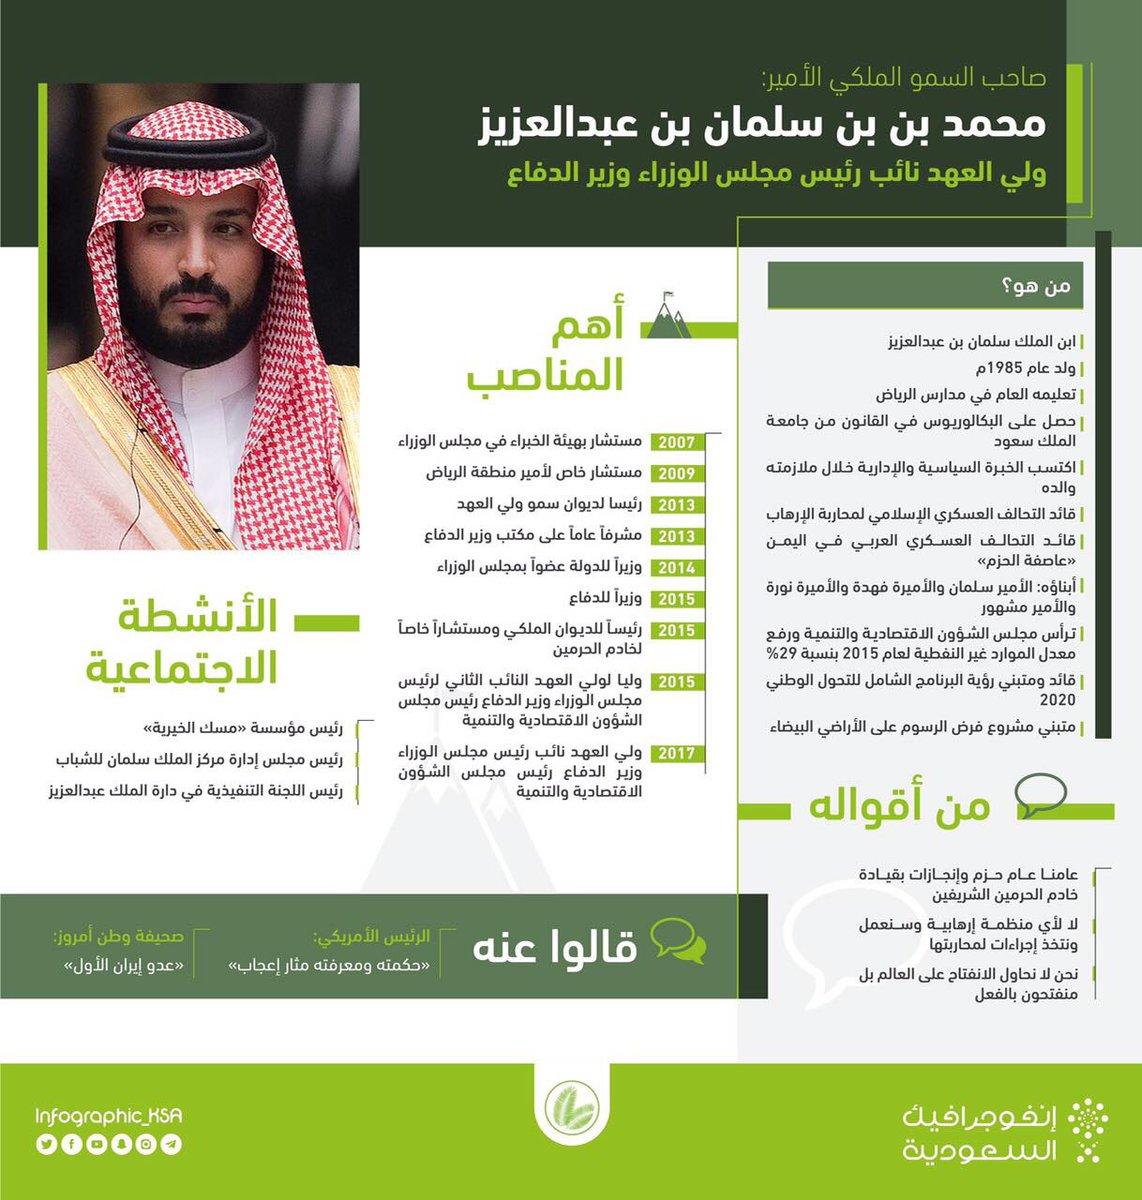 الأمير #محمد_بن_سلمان_ولياً_للعهد ونائباً لرئيس مجلس الوزراء ووزيراً ل...